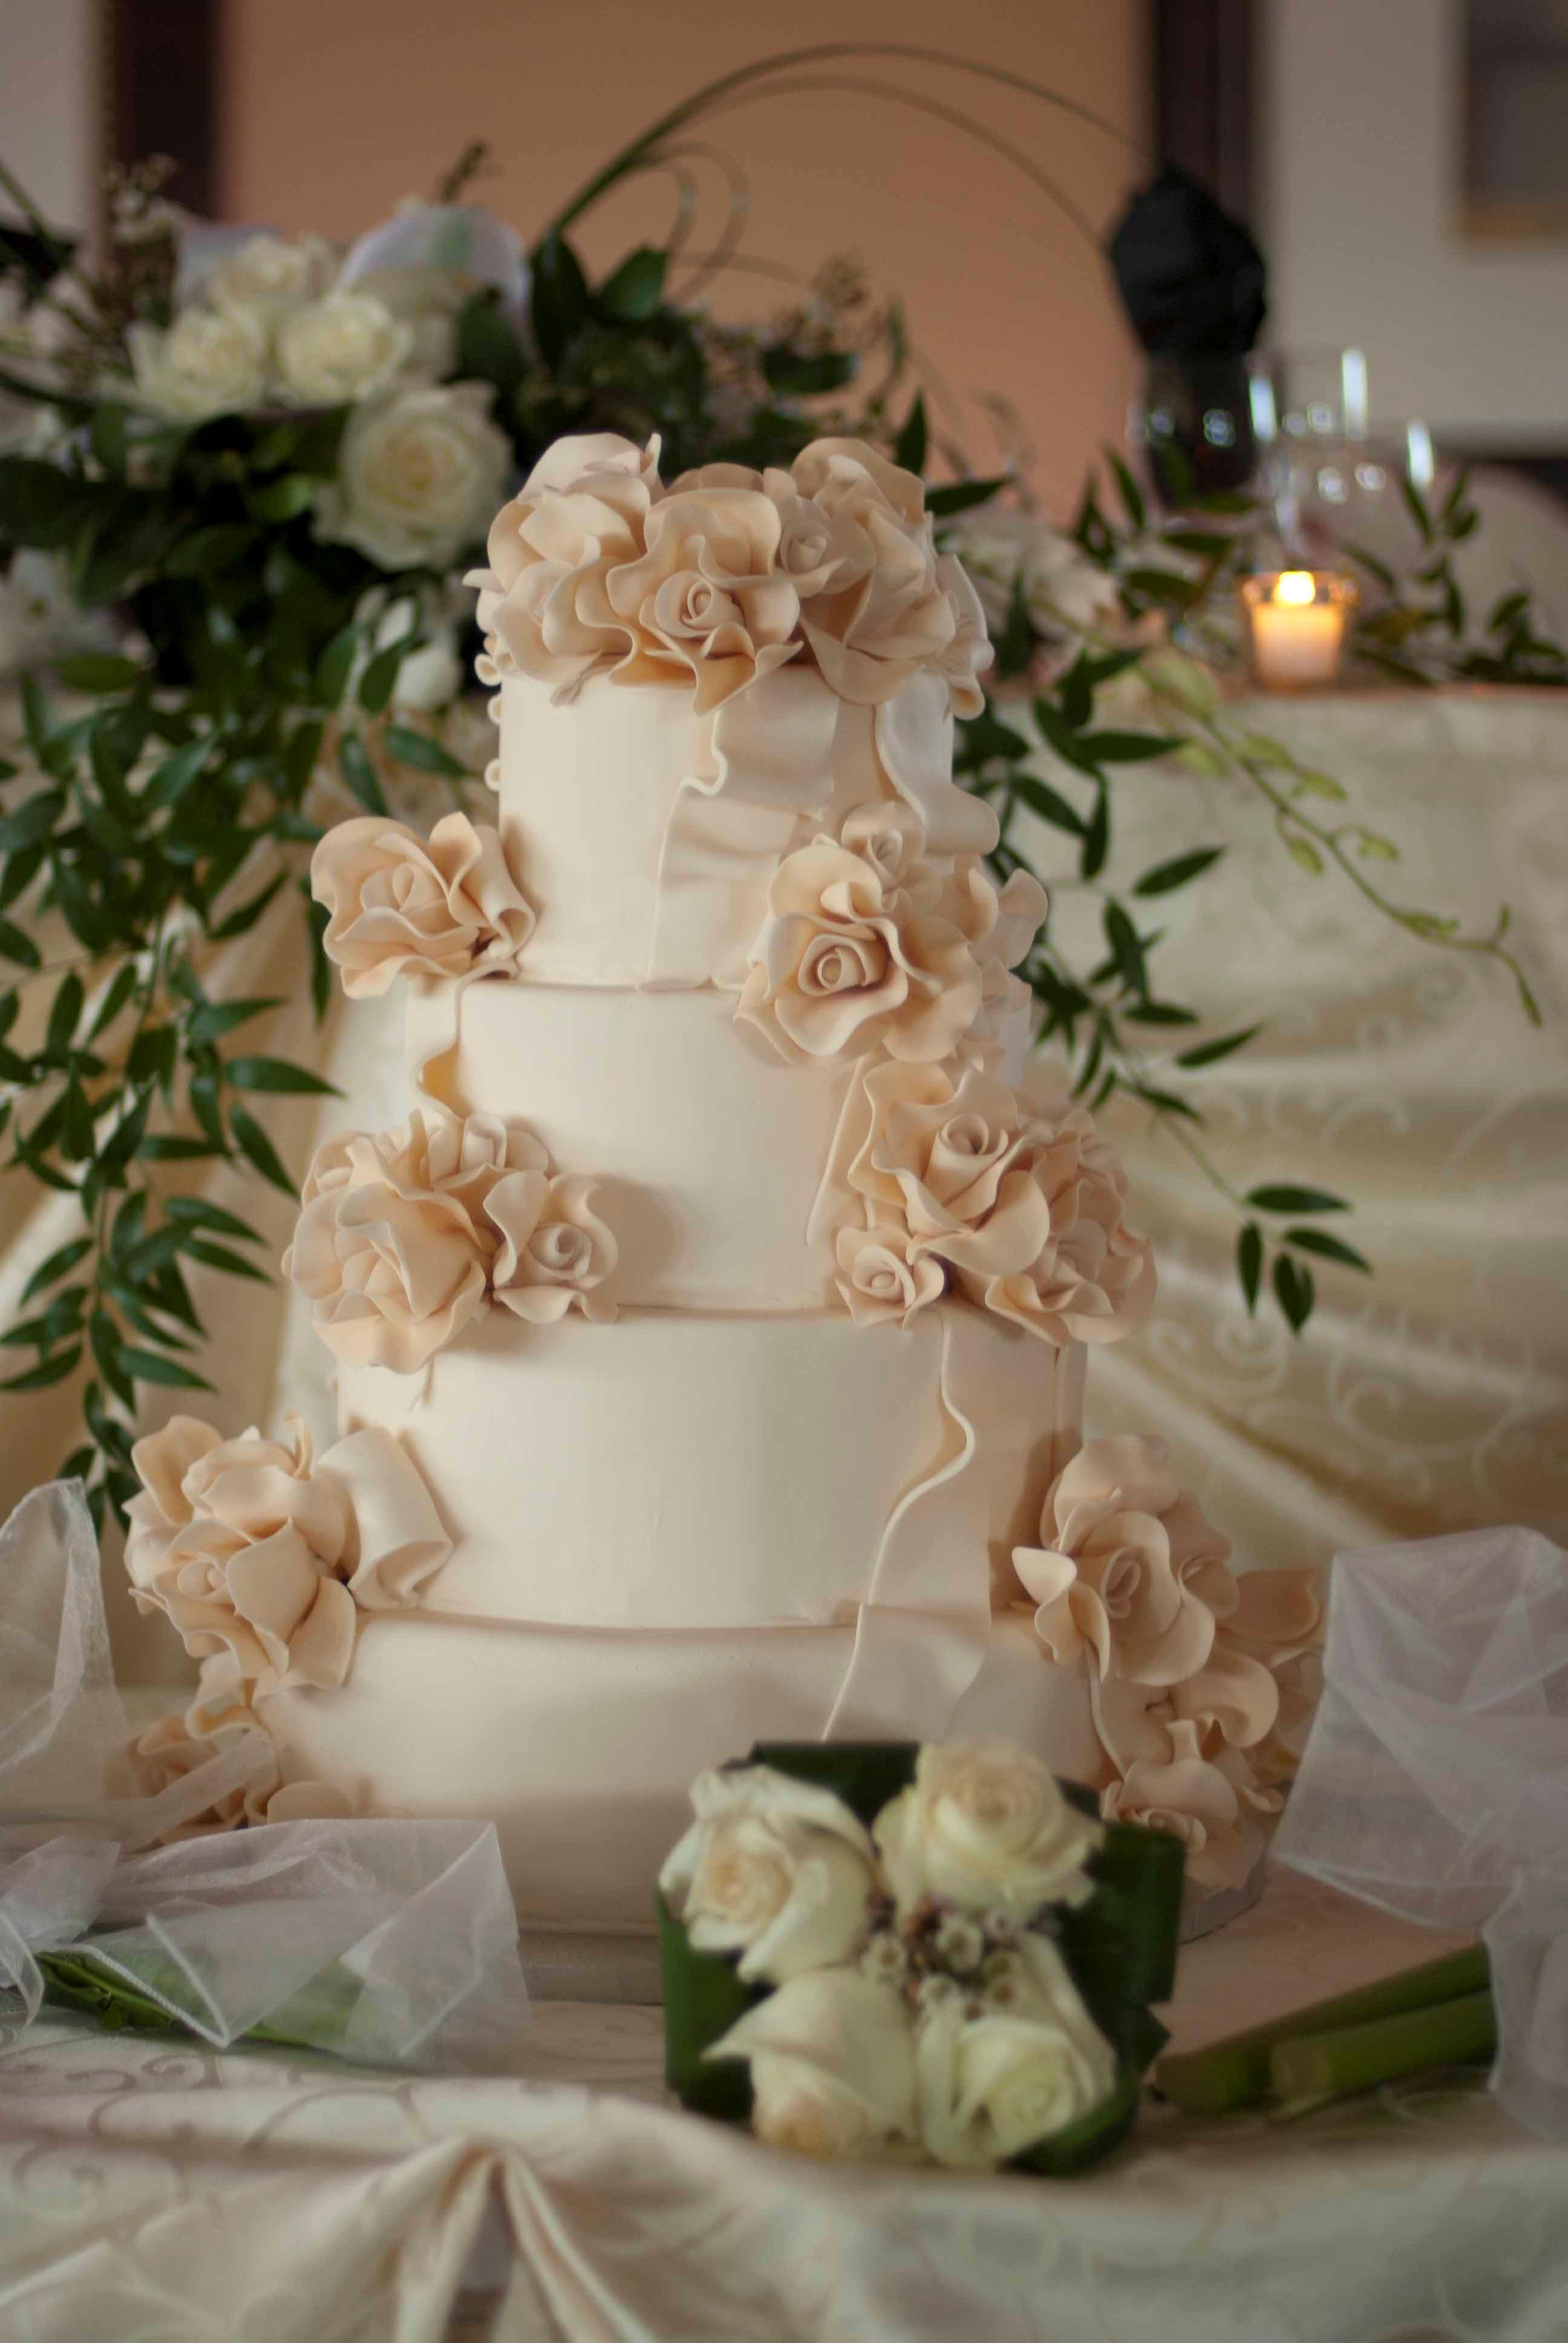 Wedding+cakes